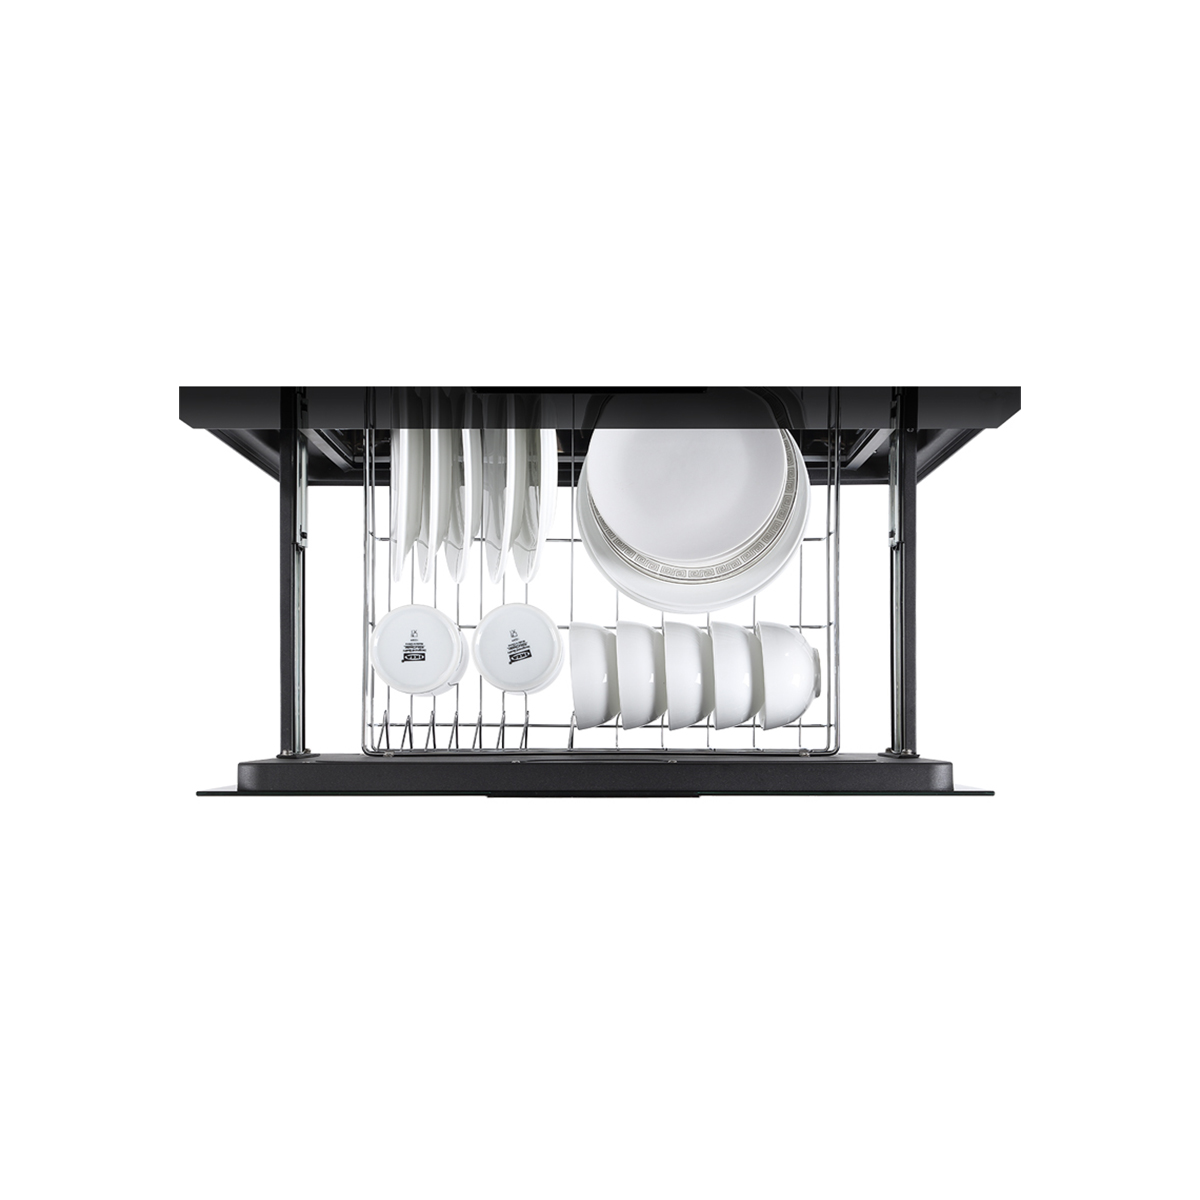 消毒柜的正确使用步骤,消毒柜的保养方法